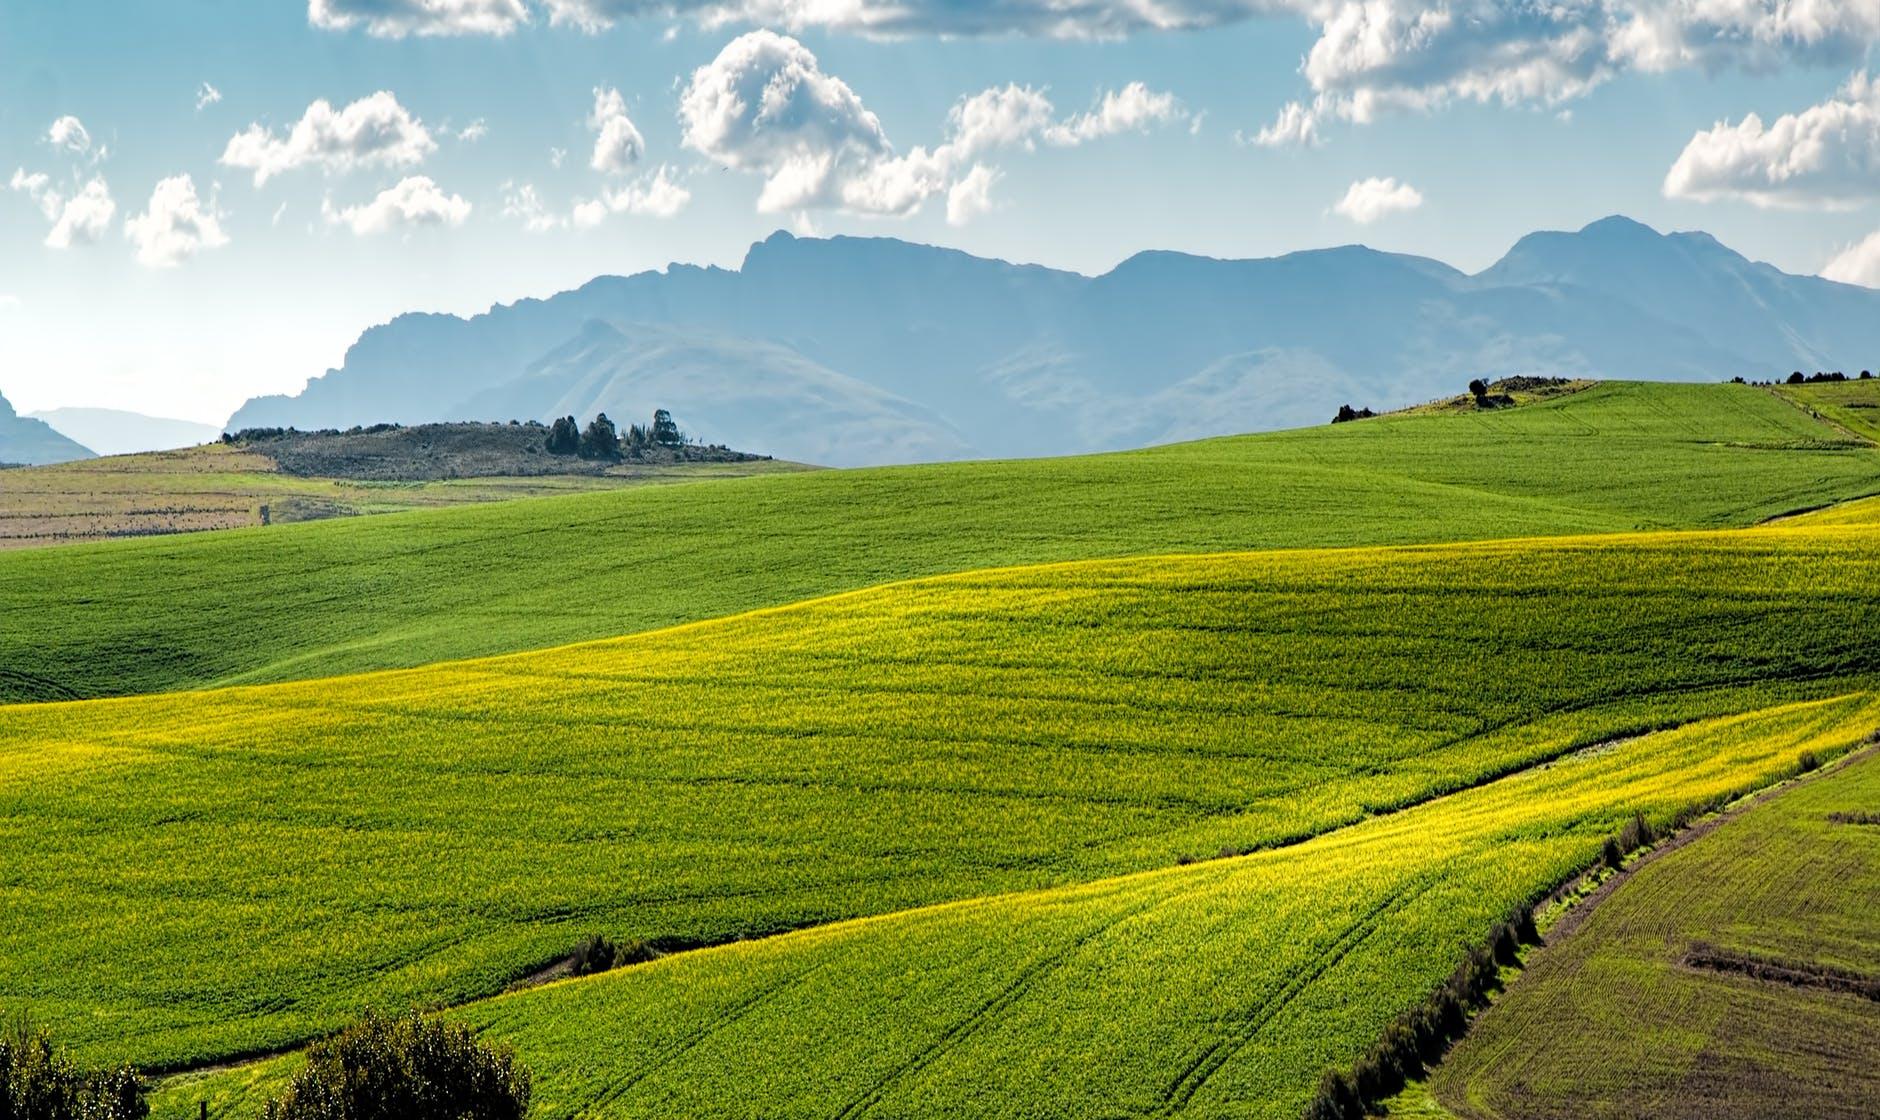 Felértékelődött a vidék a járványhelyzetben?